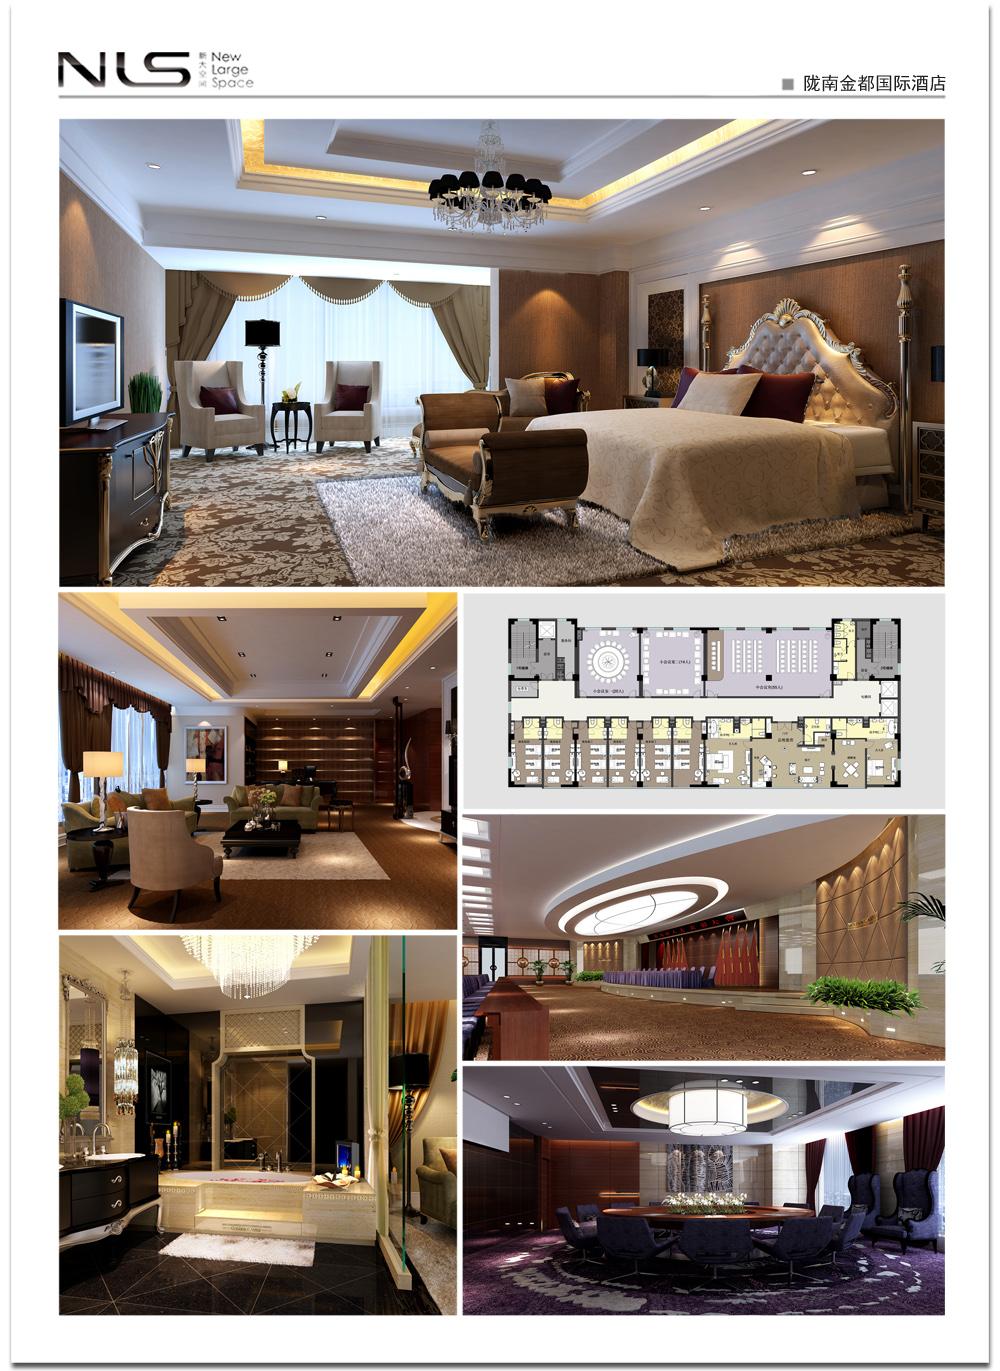 05 陇南金都国际酒店.jpg